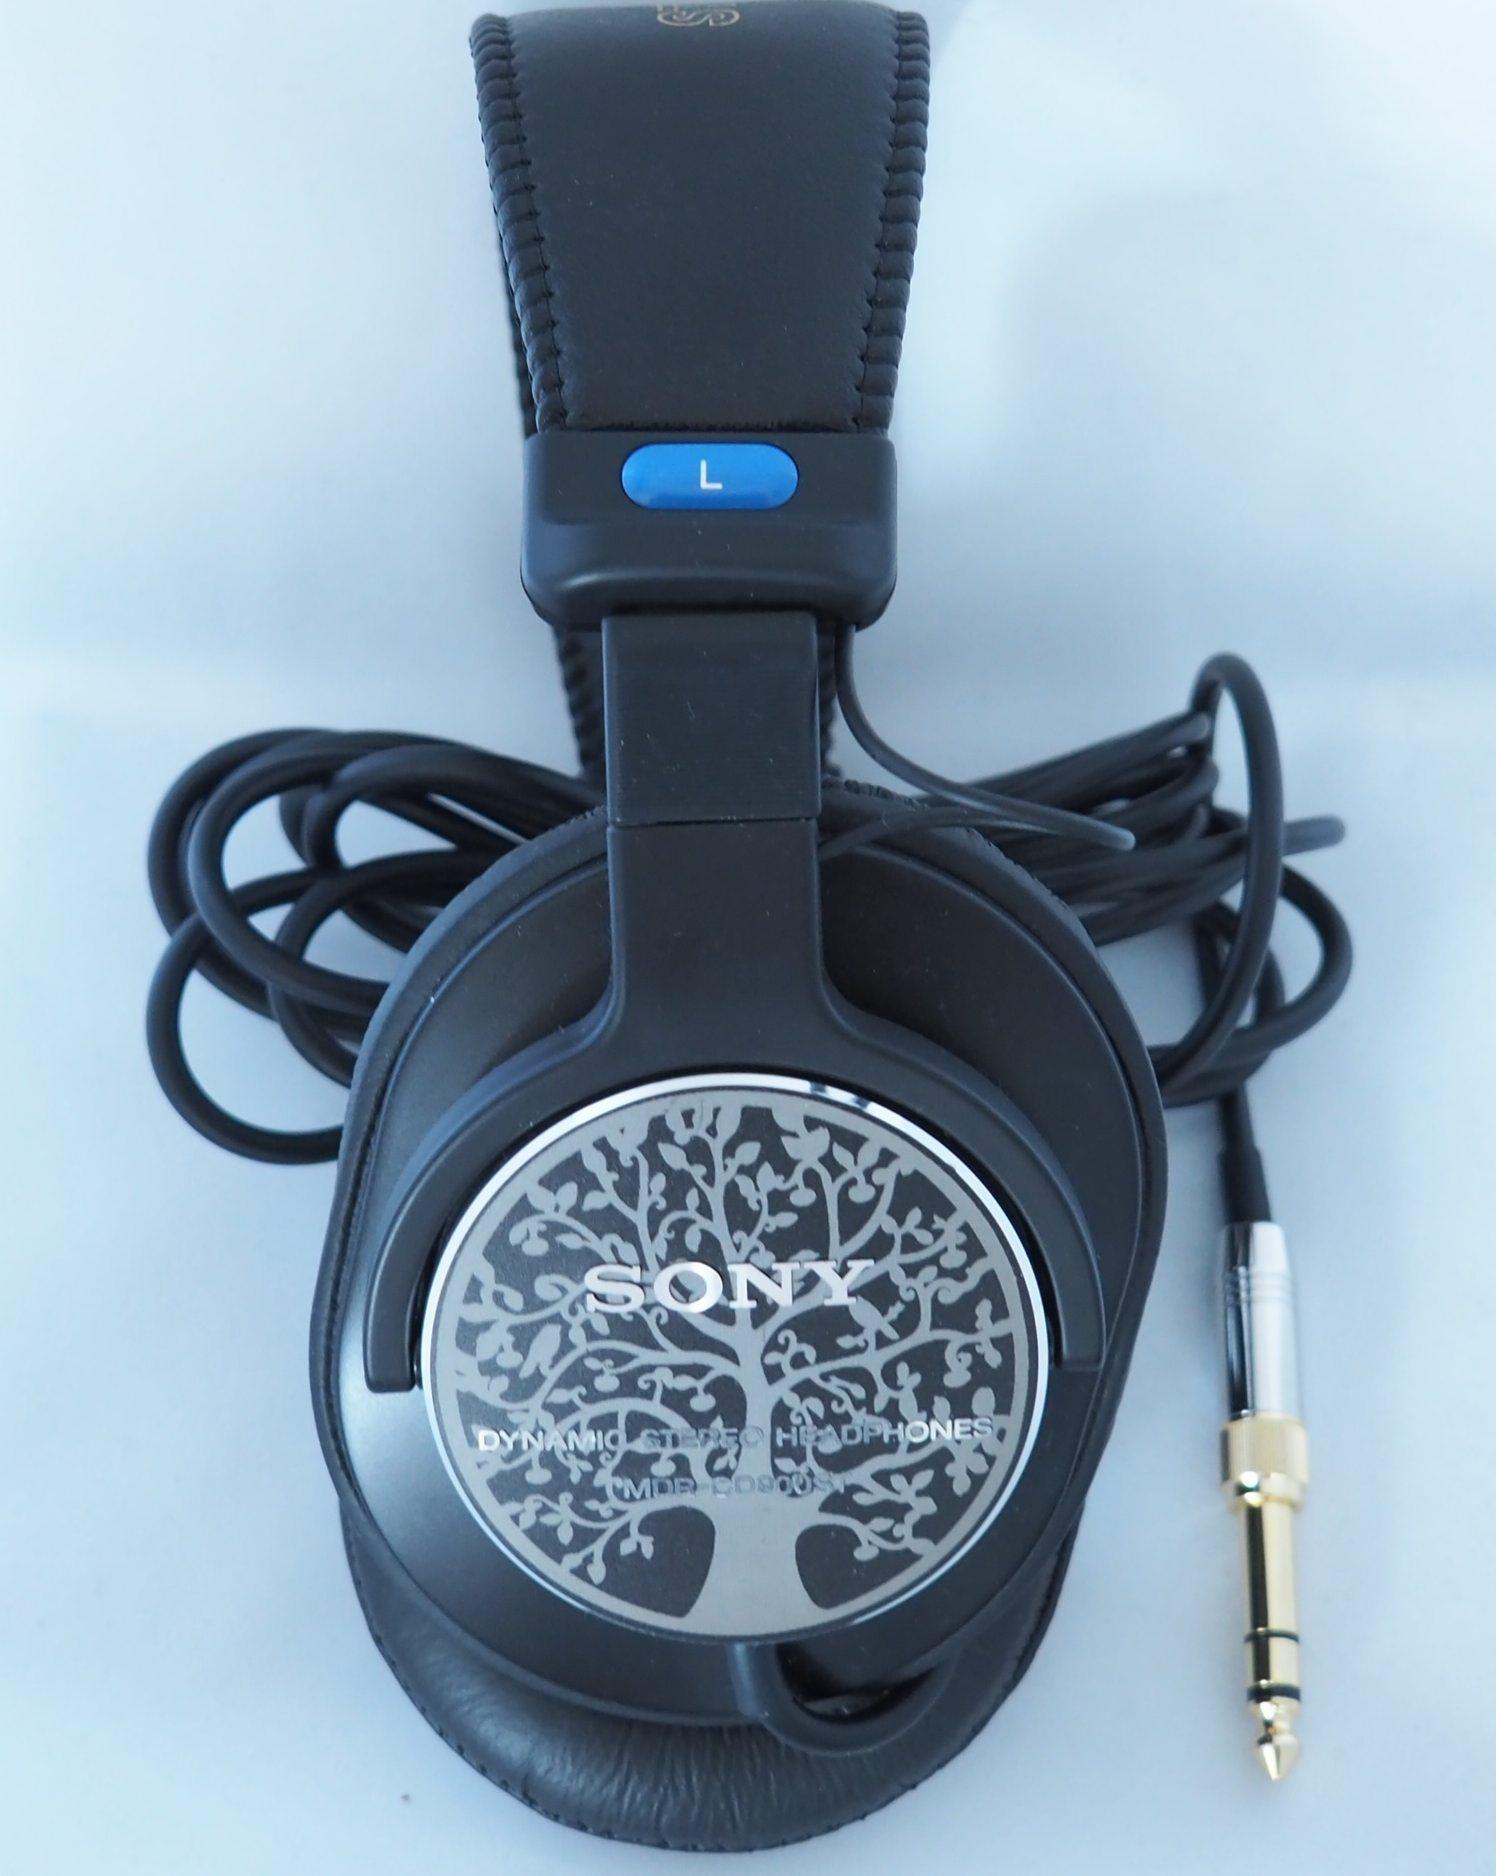 KohhyデザインPro用ヘッドフォン!iPhoneでも聴けるプラグ仕様!